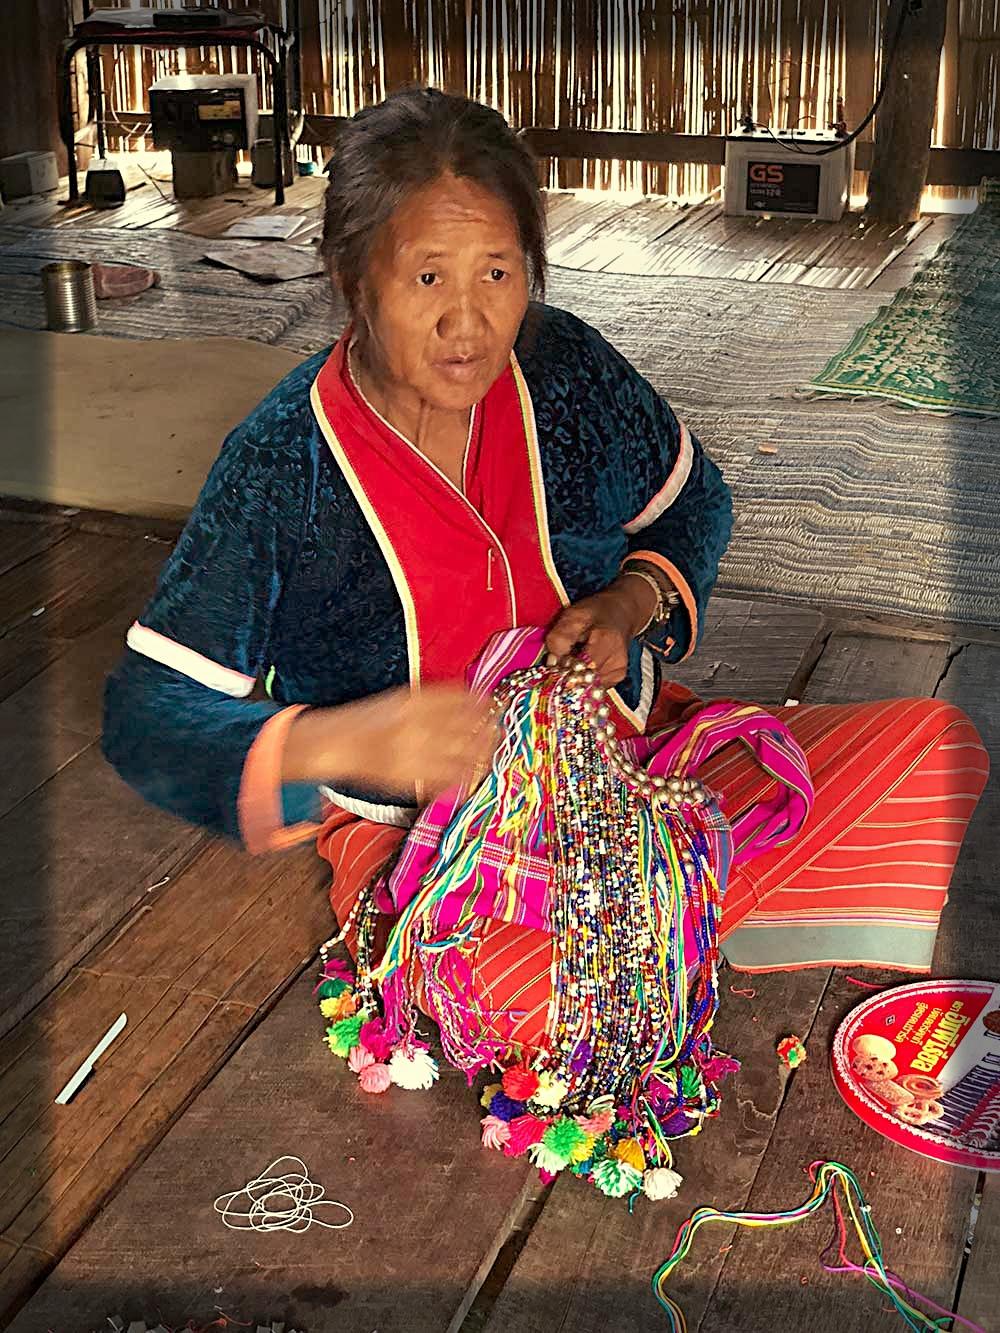 sewing-bag-Dara-Ang-1000x1333.jpg